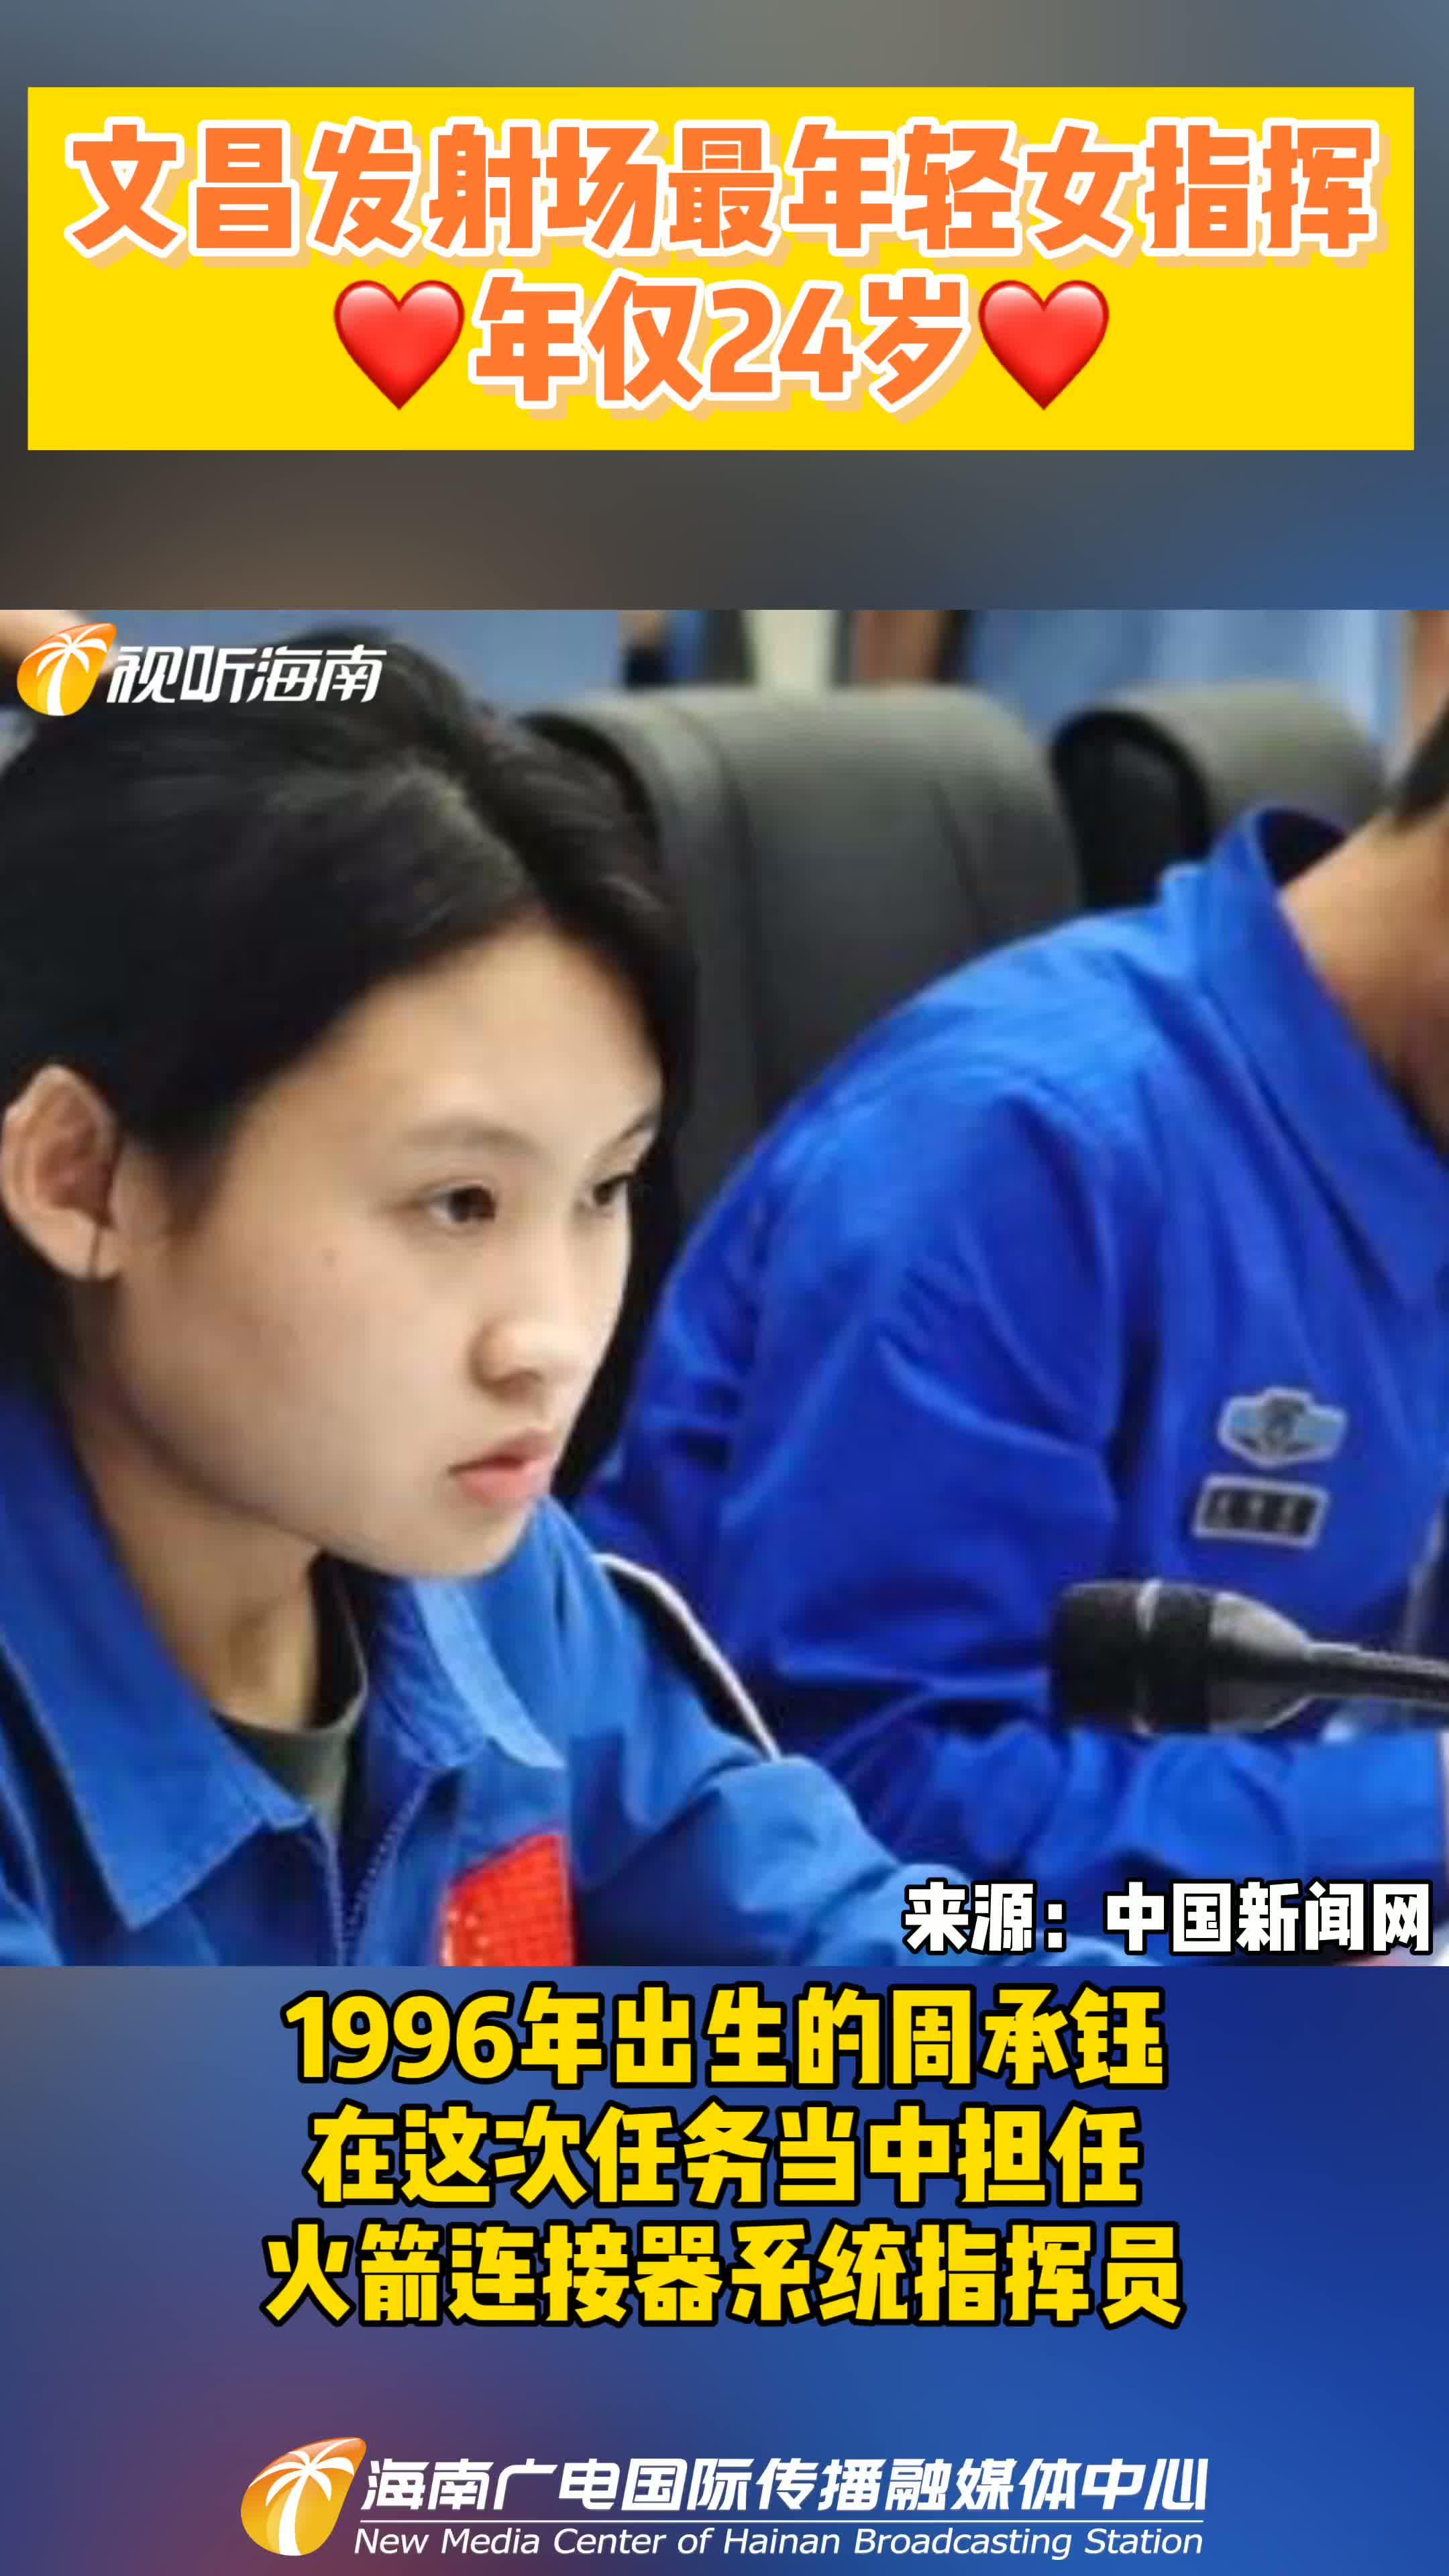 文昌发射场最年轻女指挥年仅24岁!